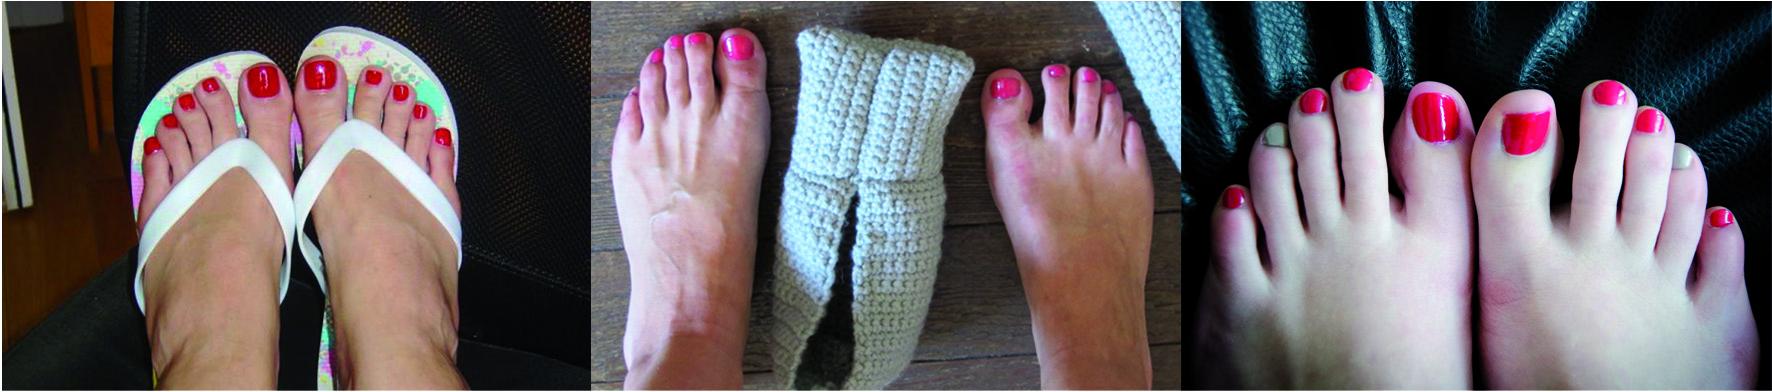 photos des pieds des femmes